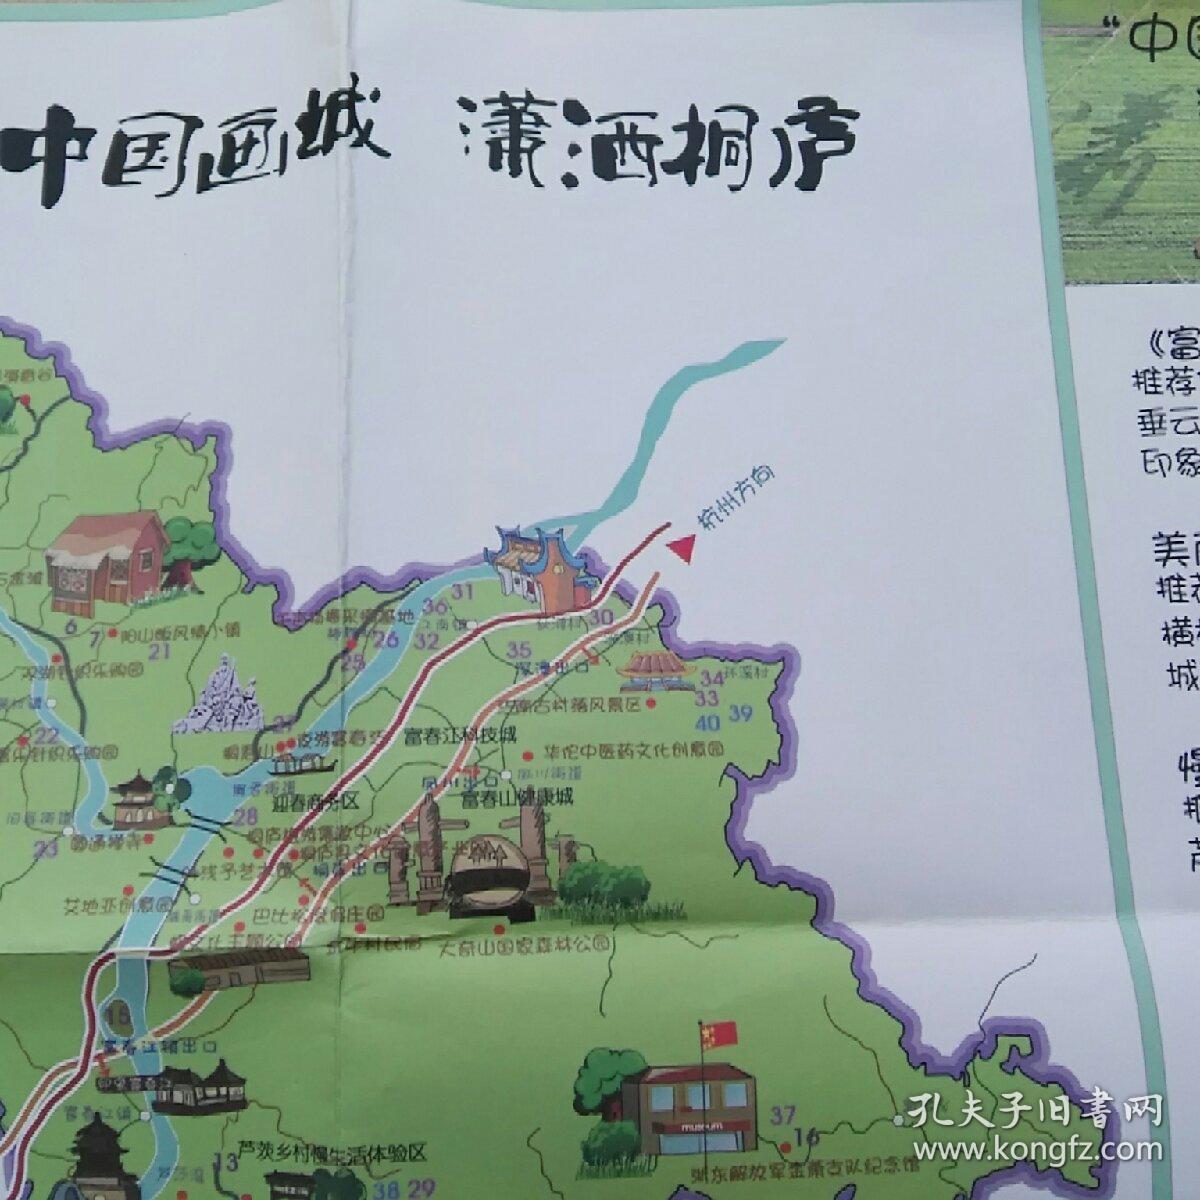 浙江桐庐旅游手绘地图(全新有封套)中国画城潇洒桐庐